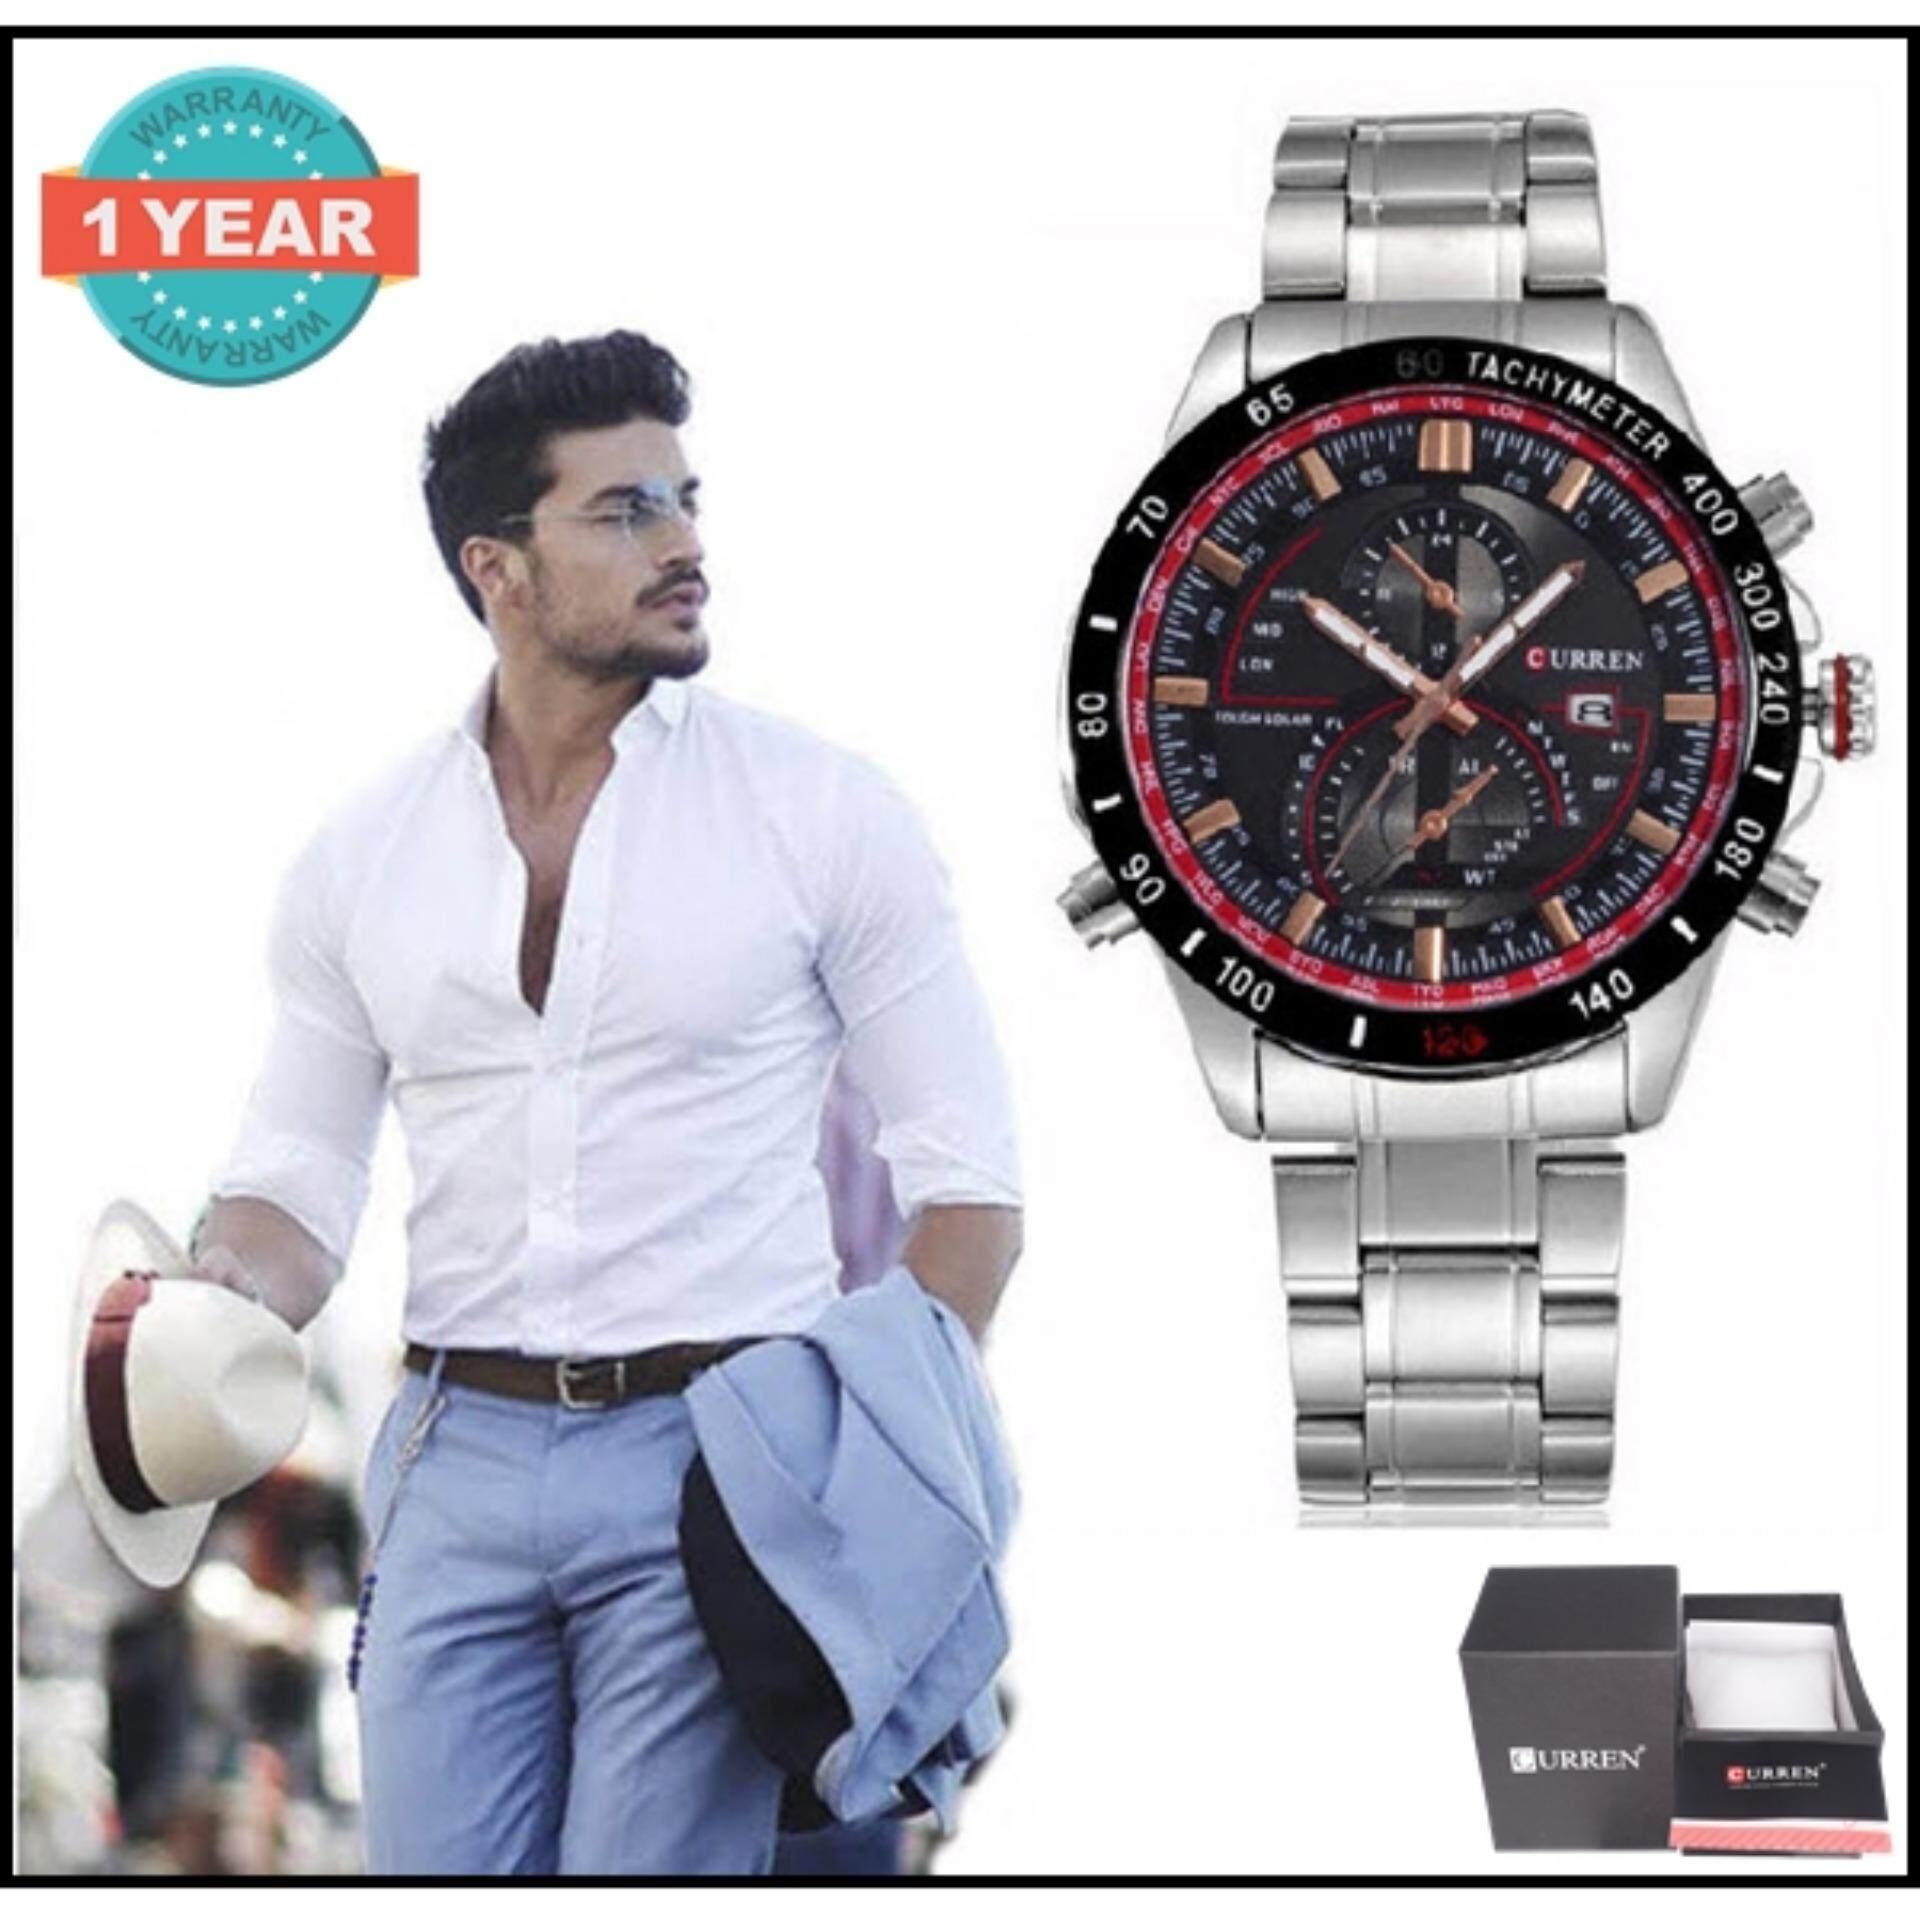 ซื้อ Curren นาฬิกาข้อมือผู้ชาย สีเงิน ดำ สายสแตนเลส รุ่น C8149 Curren ถูก